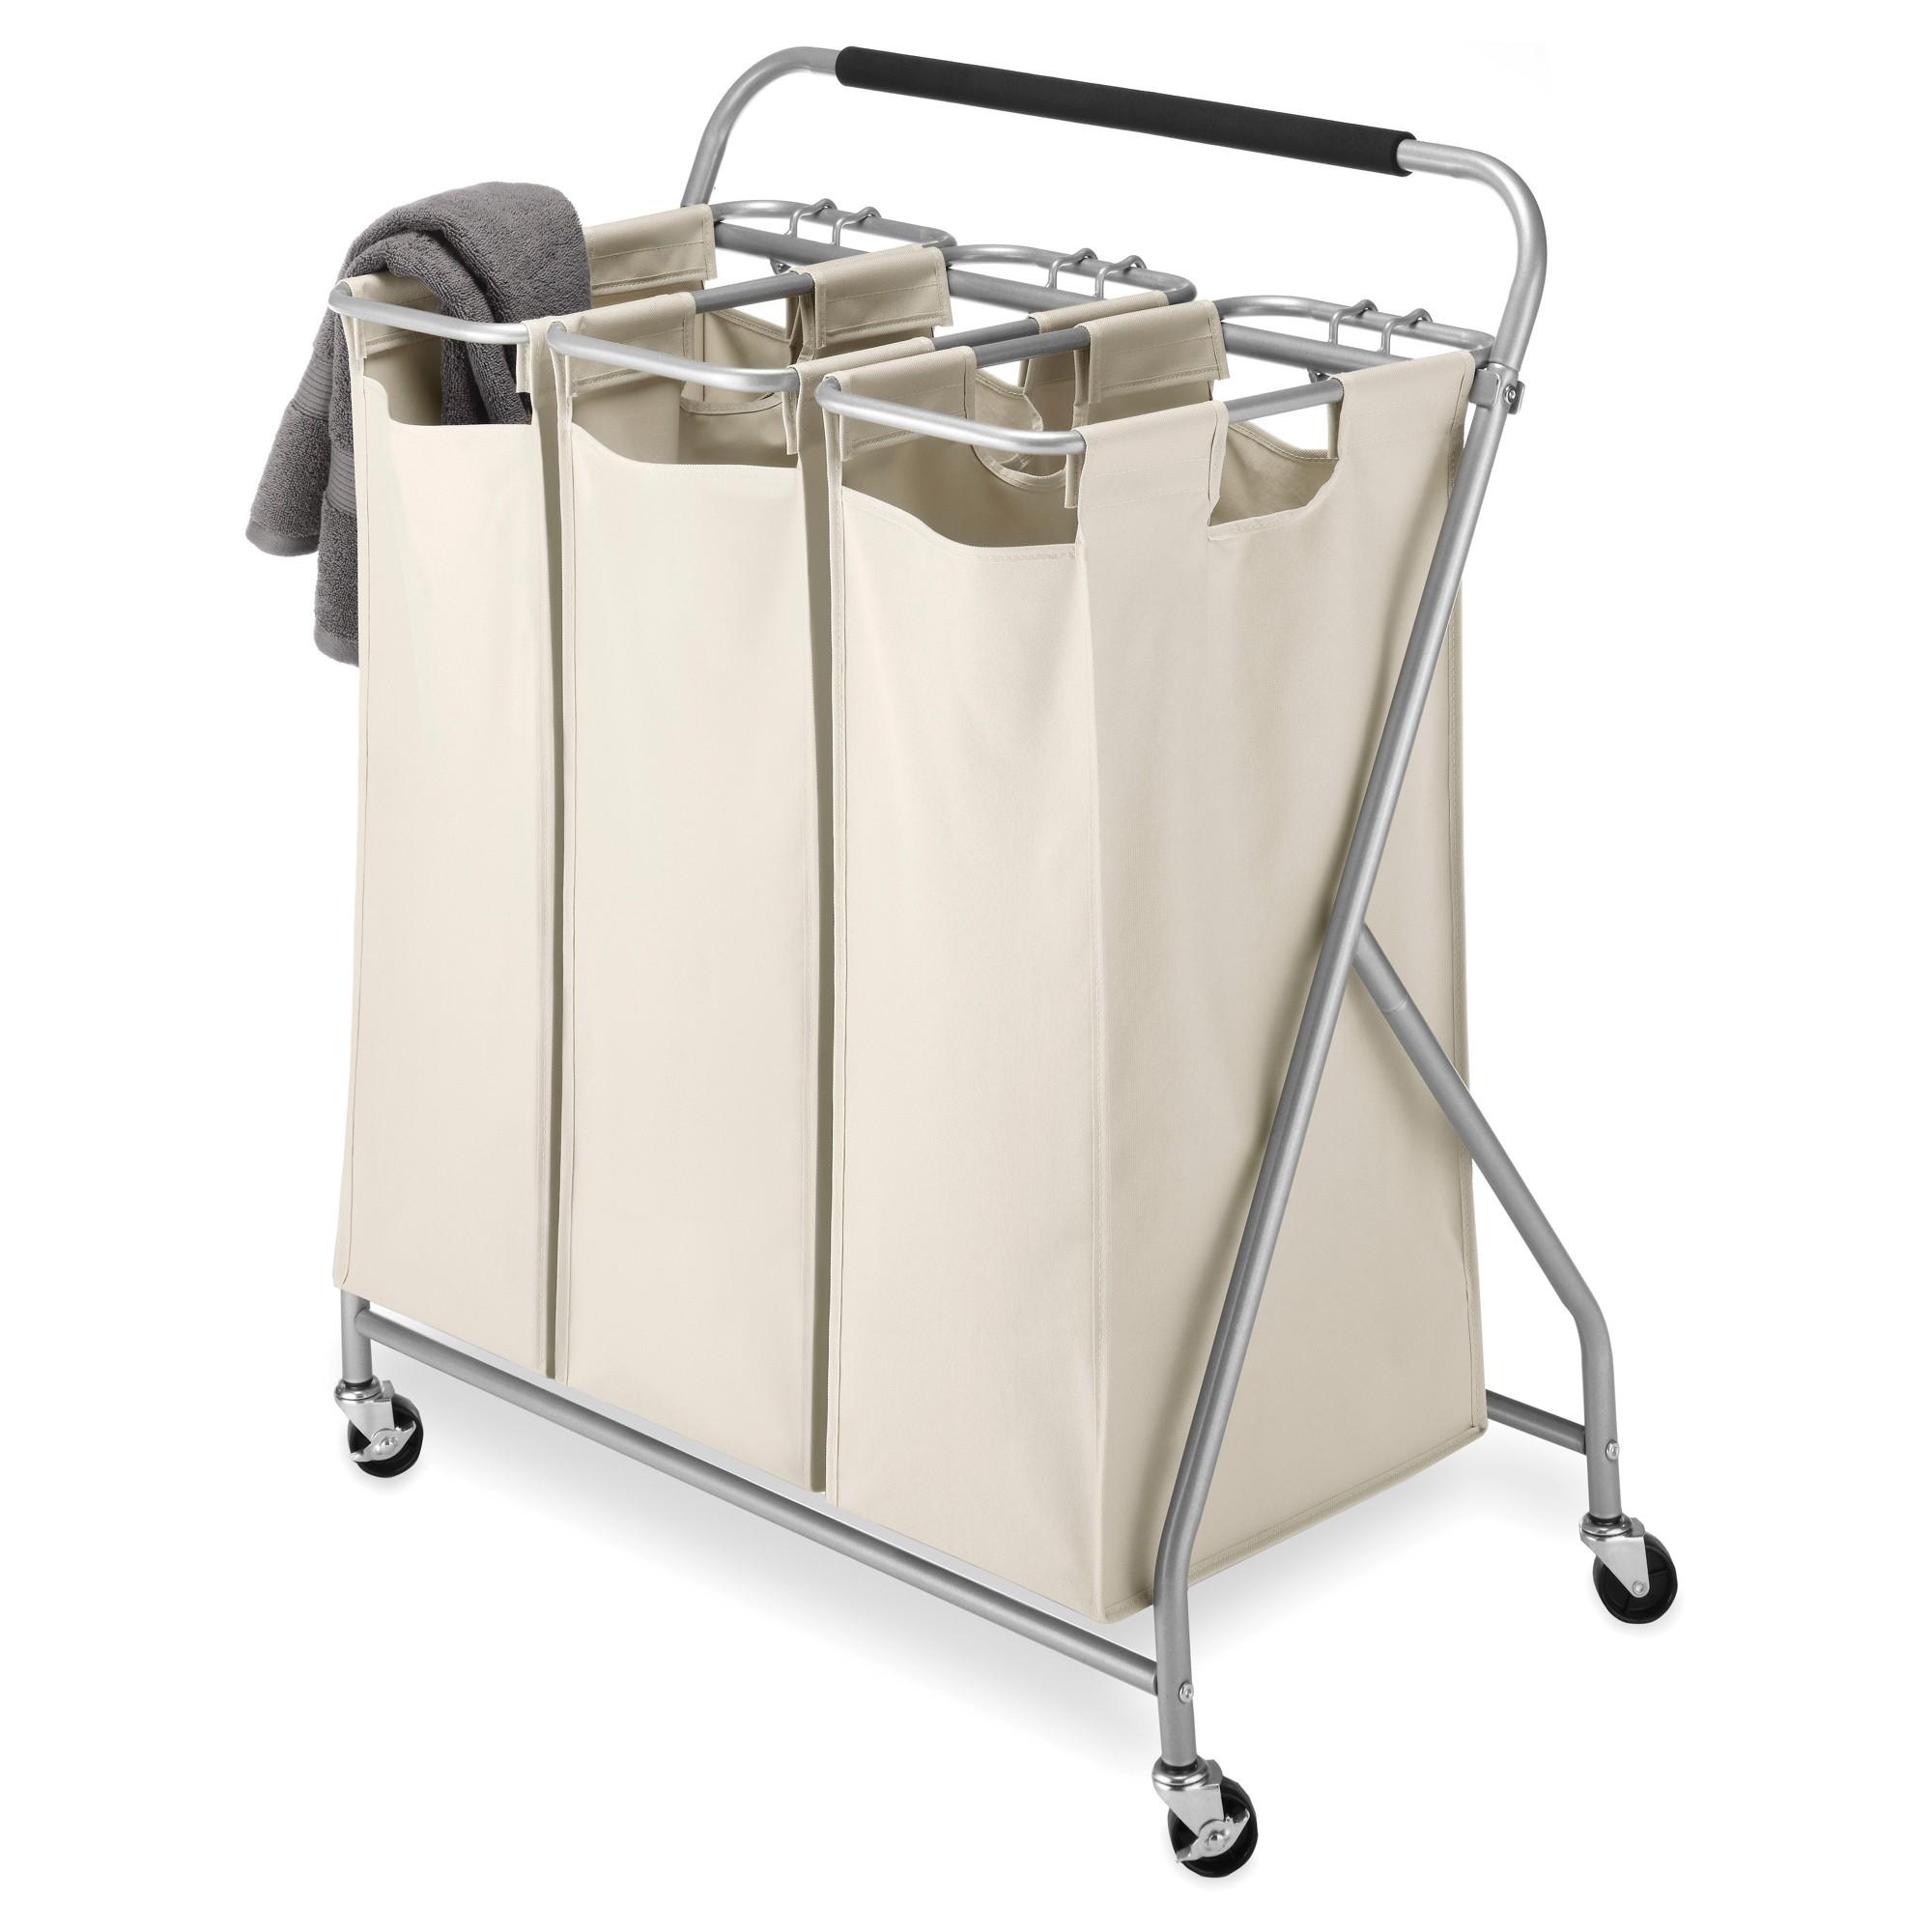 Whitmor Easy Lift 3 Bag Triple Laundry Sorter Laundry Sorter